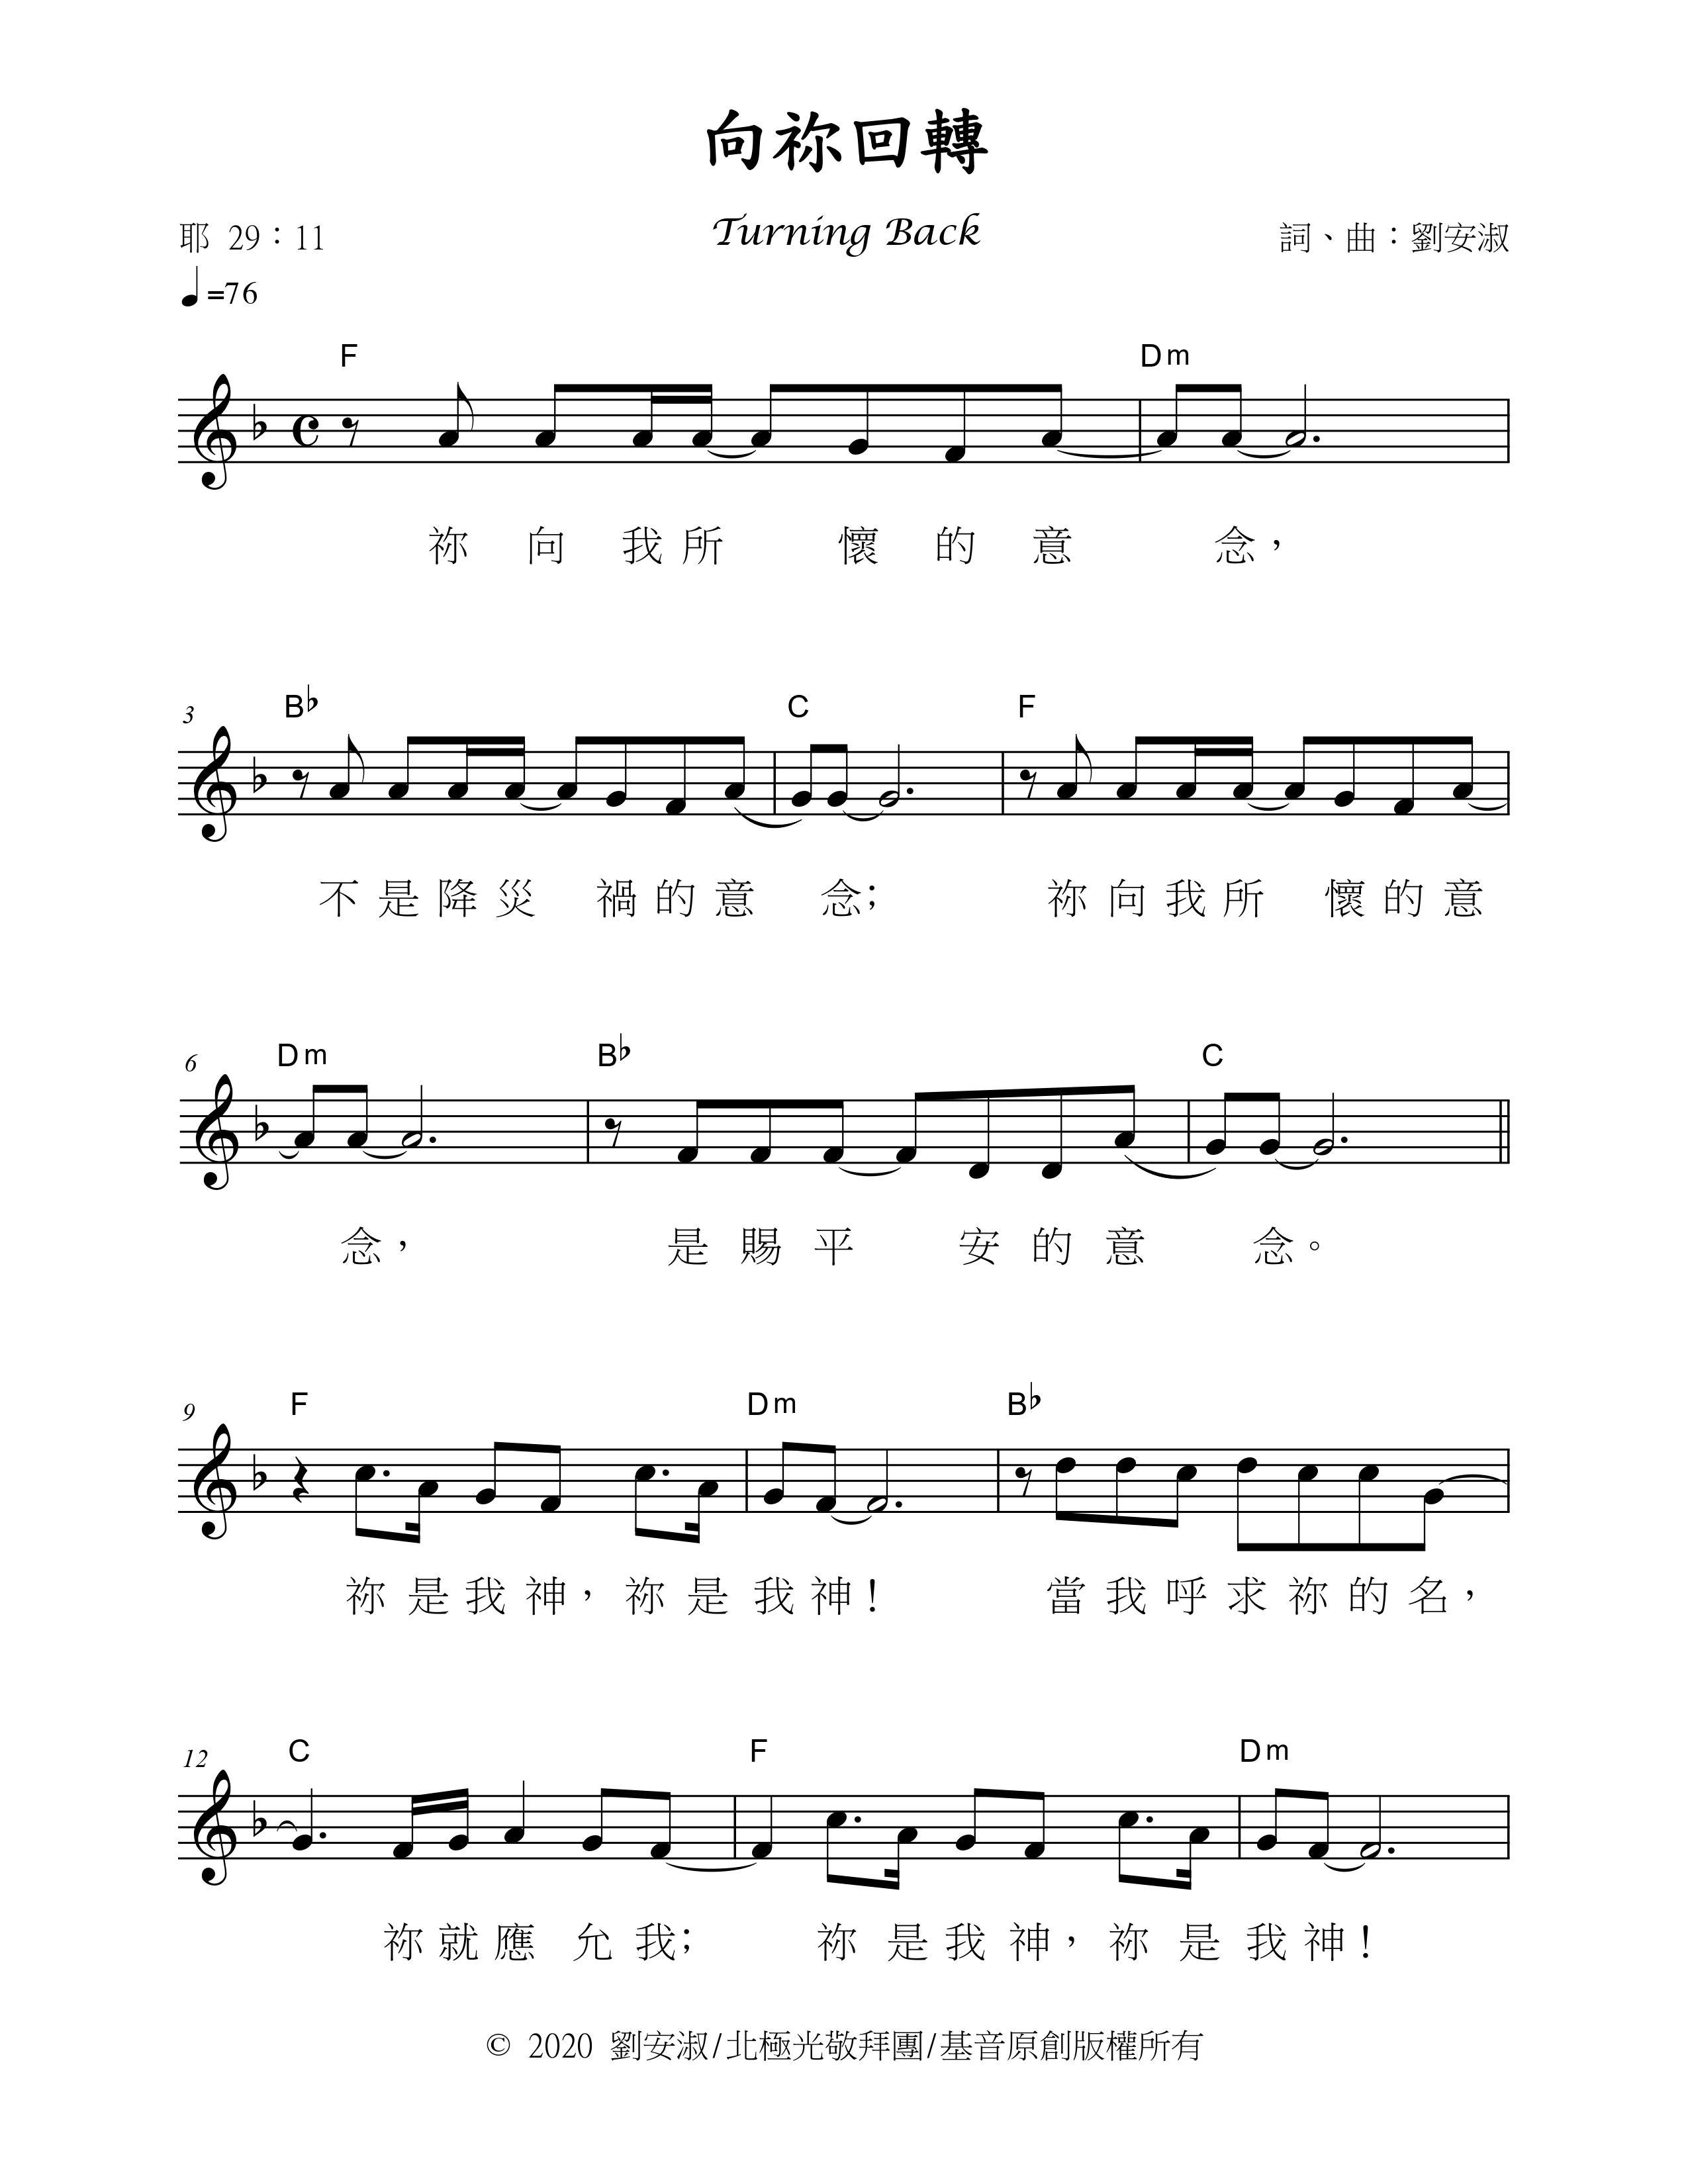 《我向你回转 官方和弦五线谱》